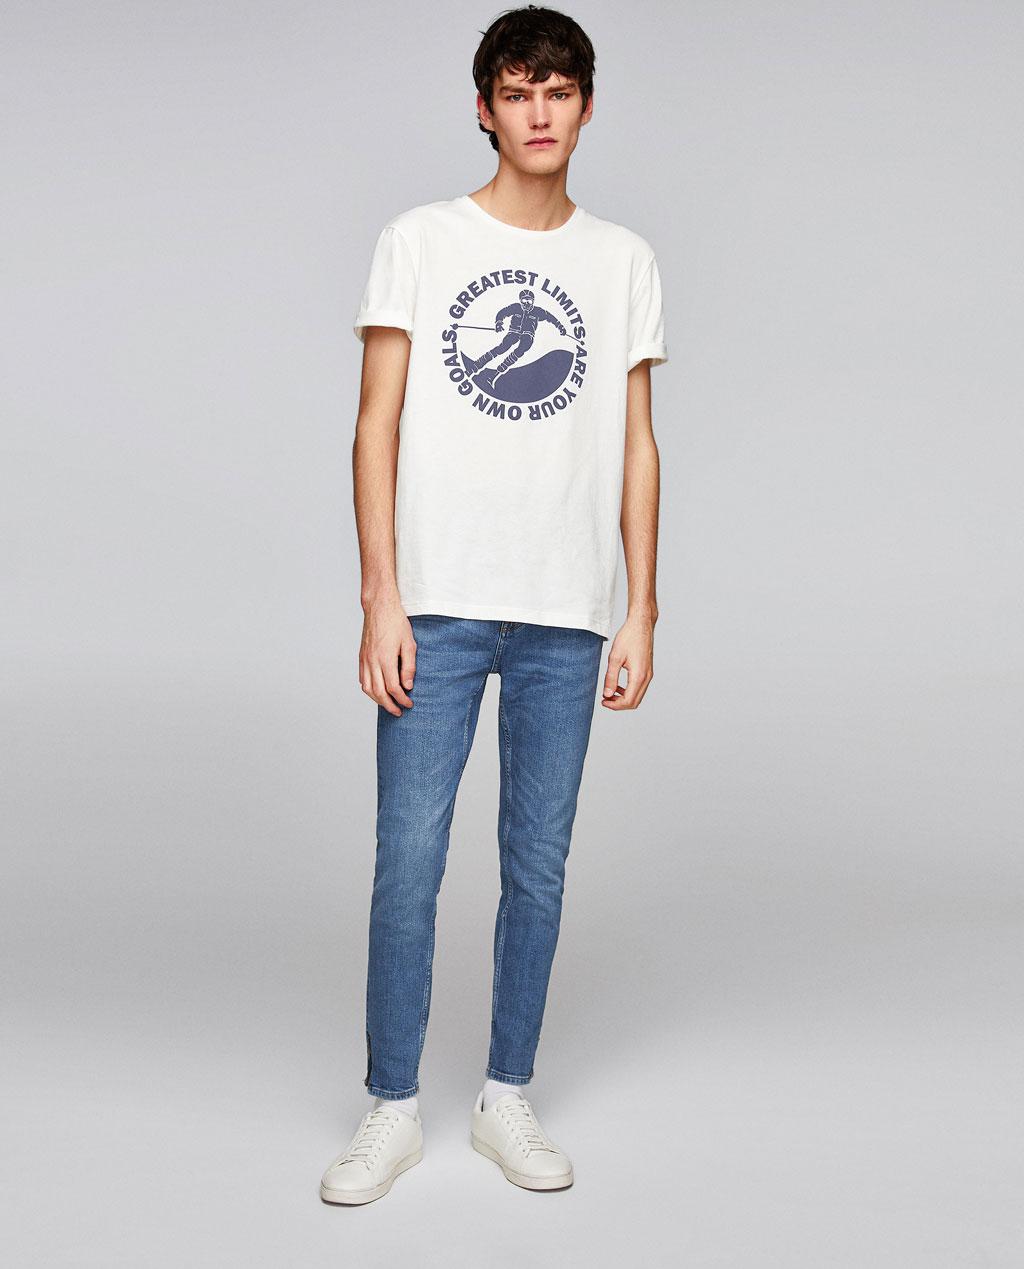 Thời trang nam Zara  24098 - ảnh 3